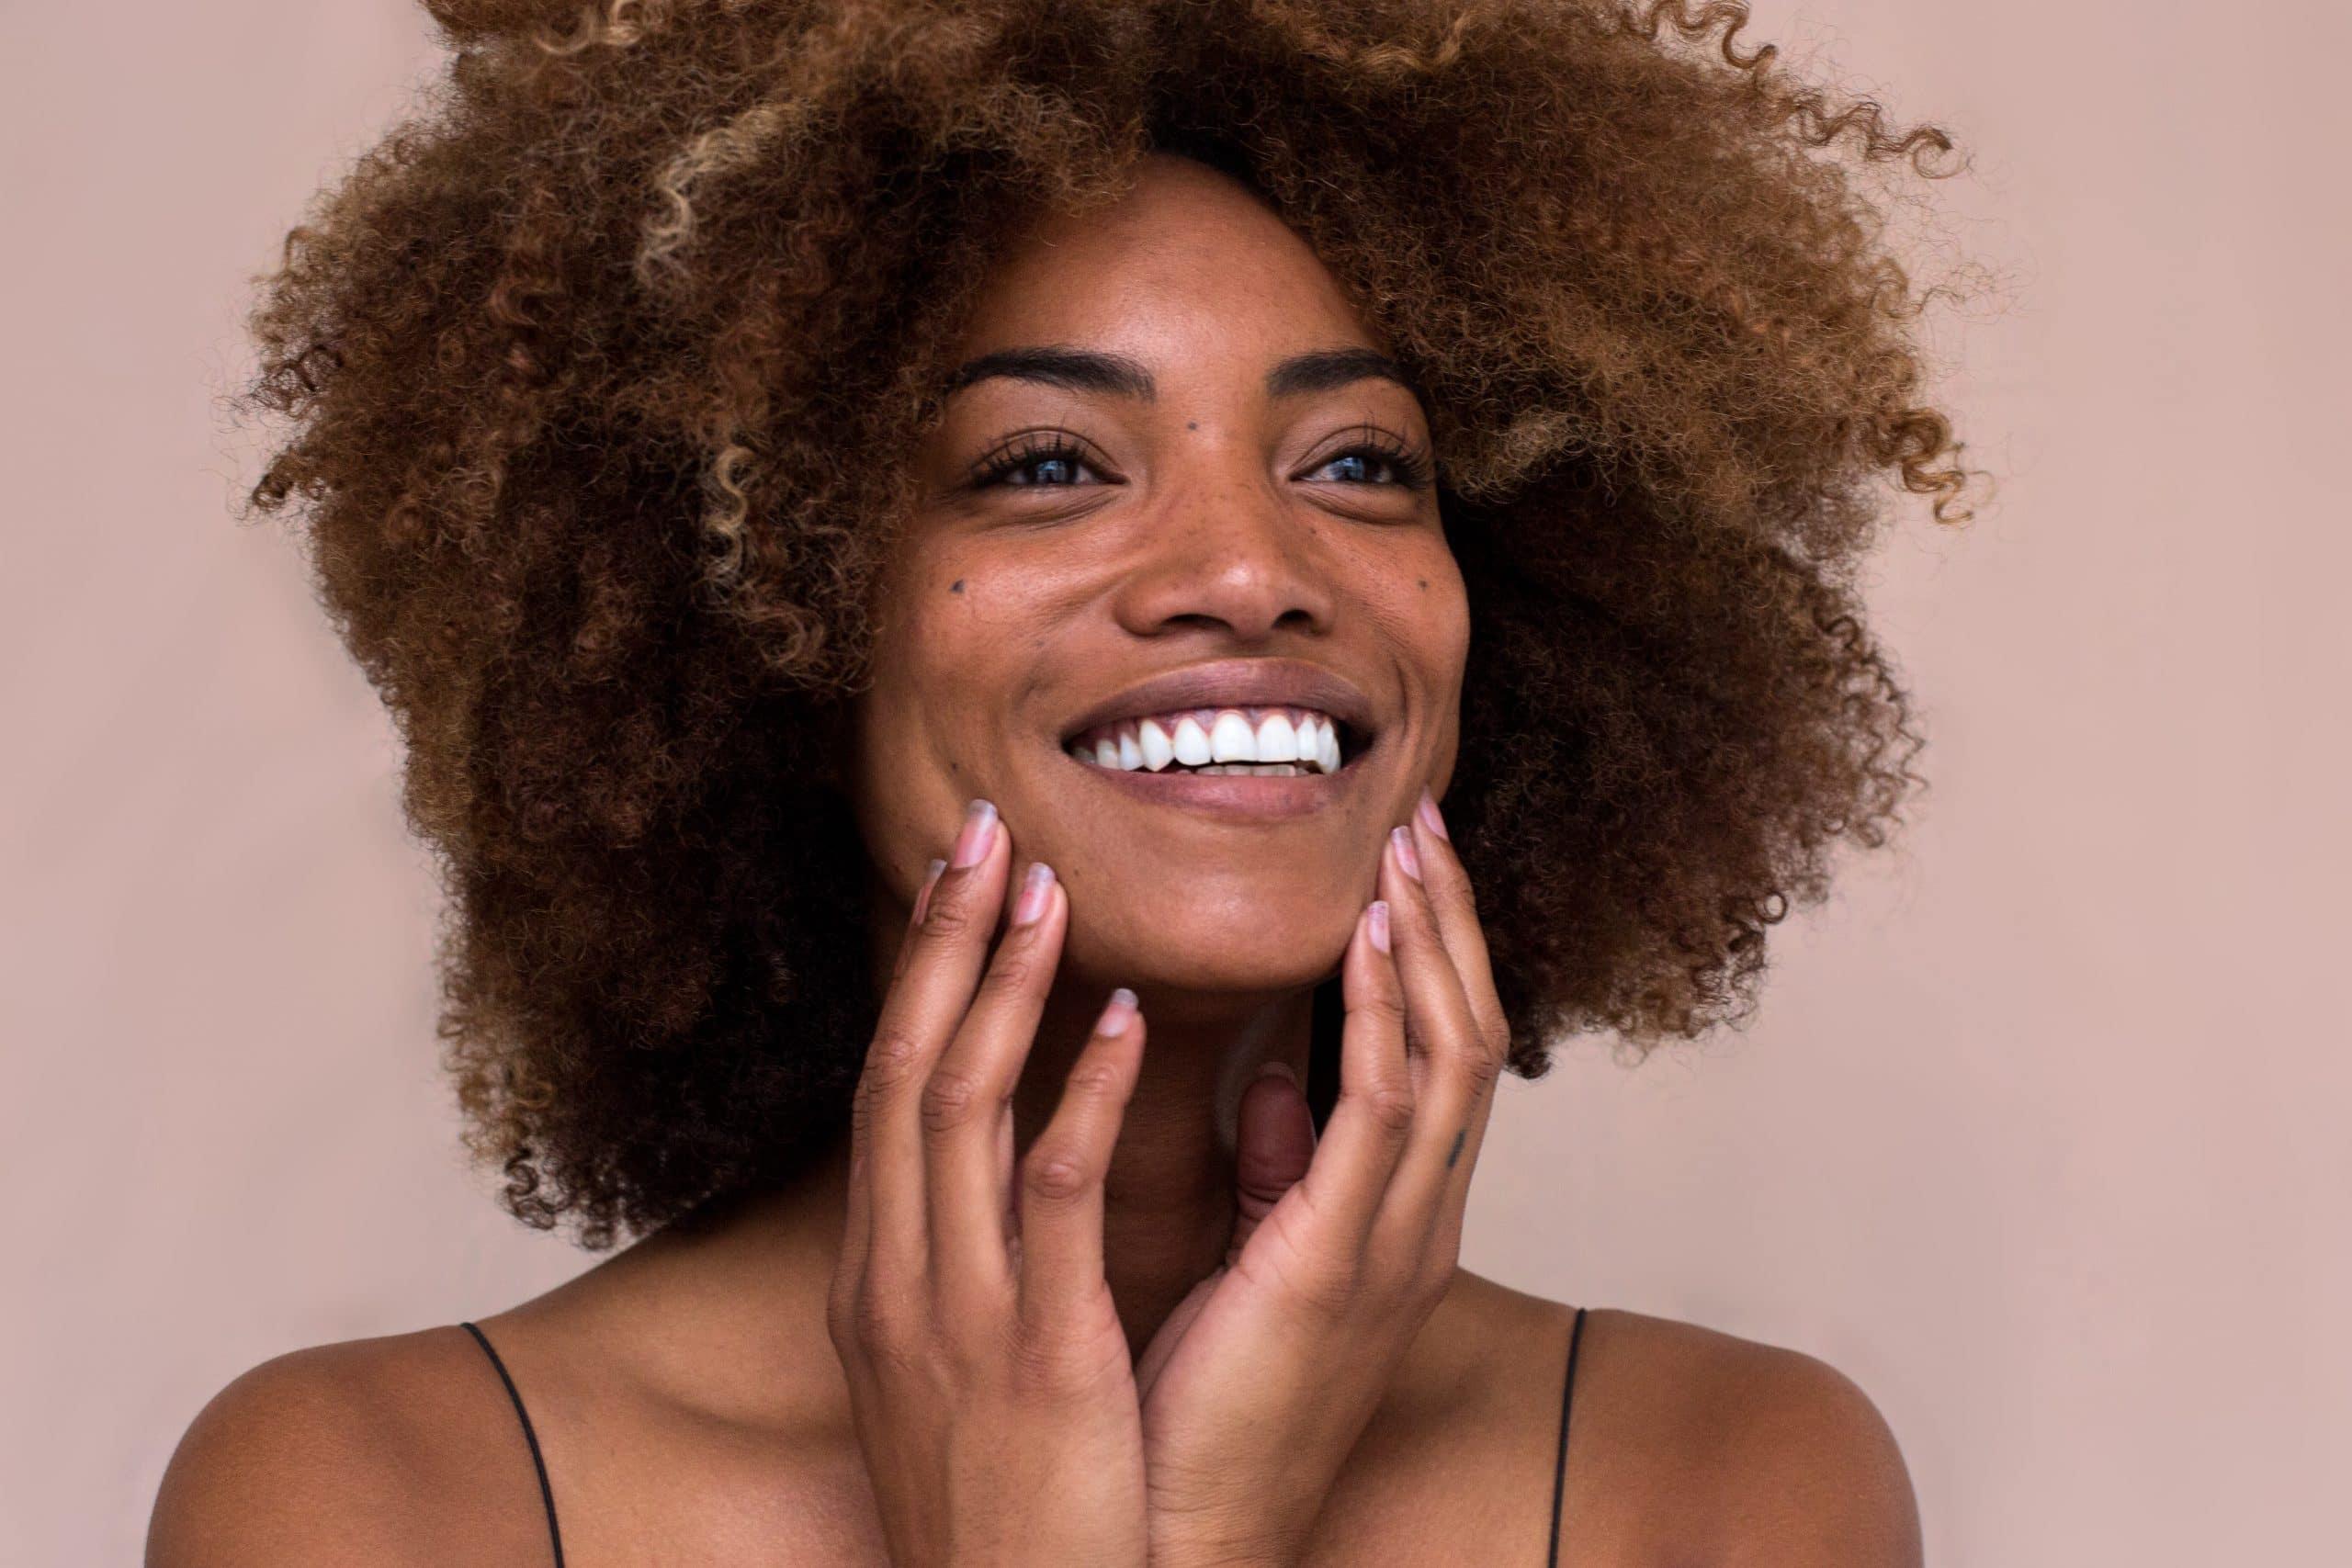 Mulher sorrindo com as mãos nas bochechas.